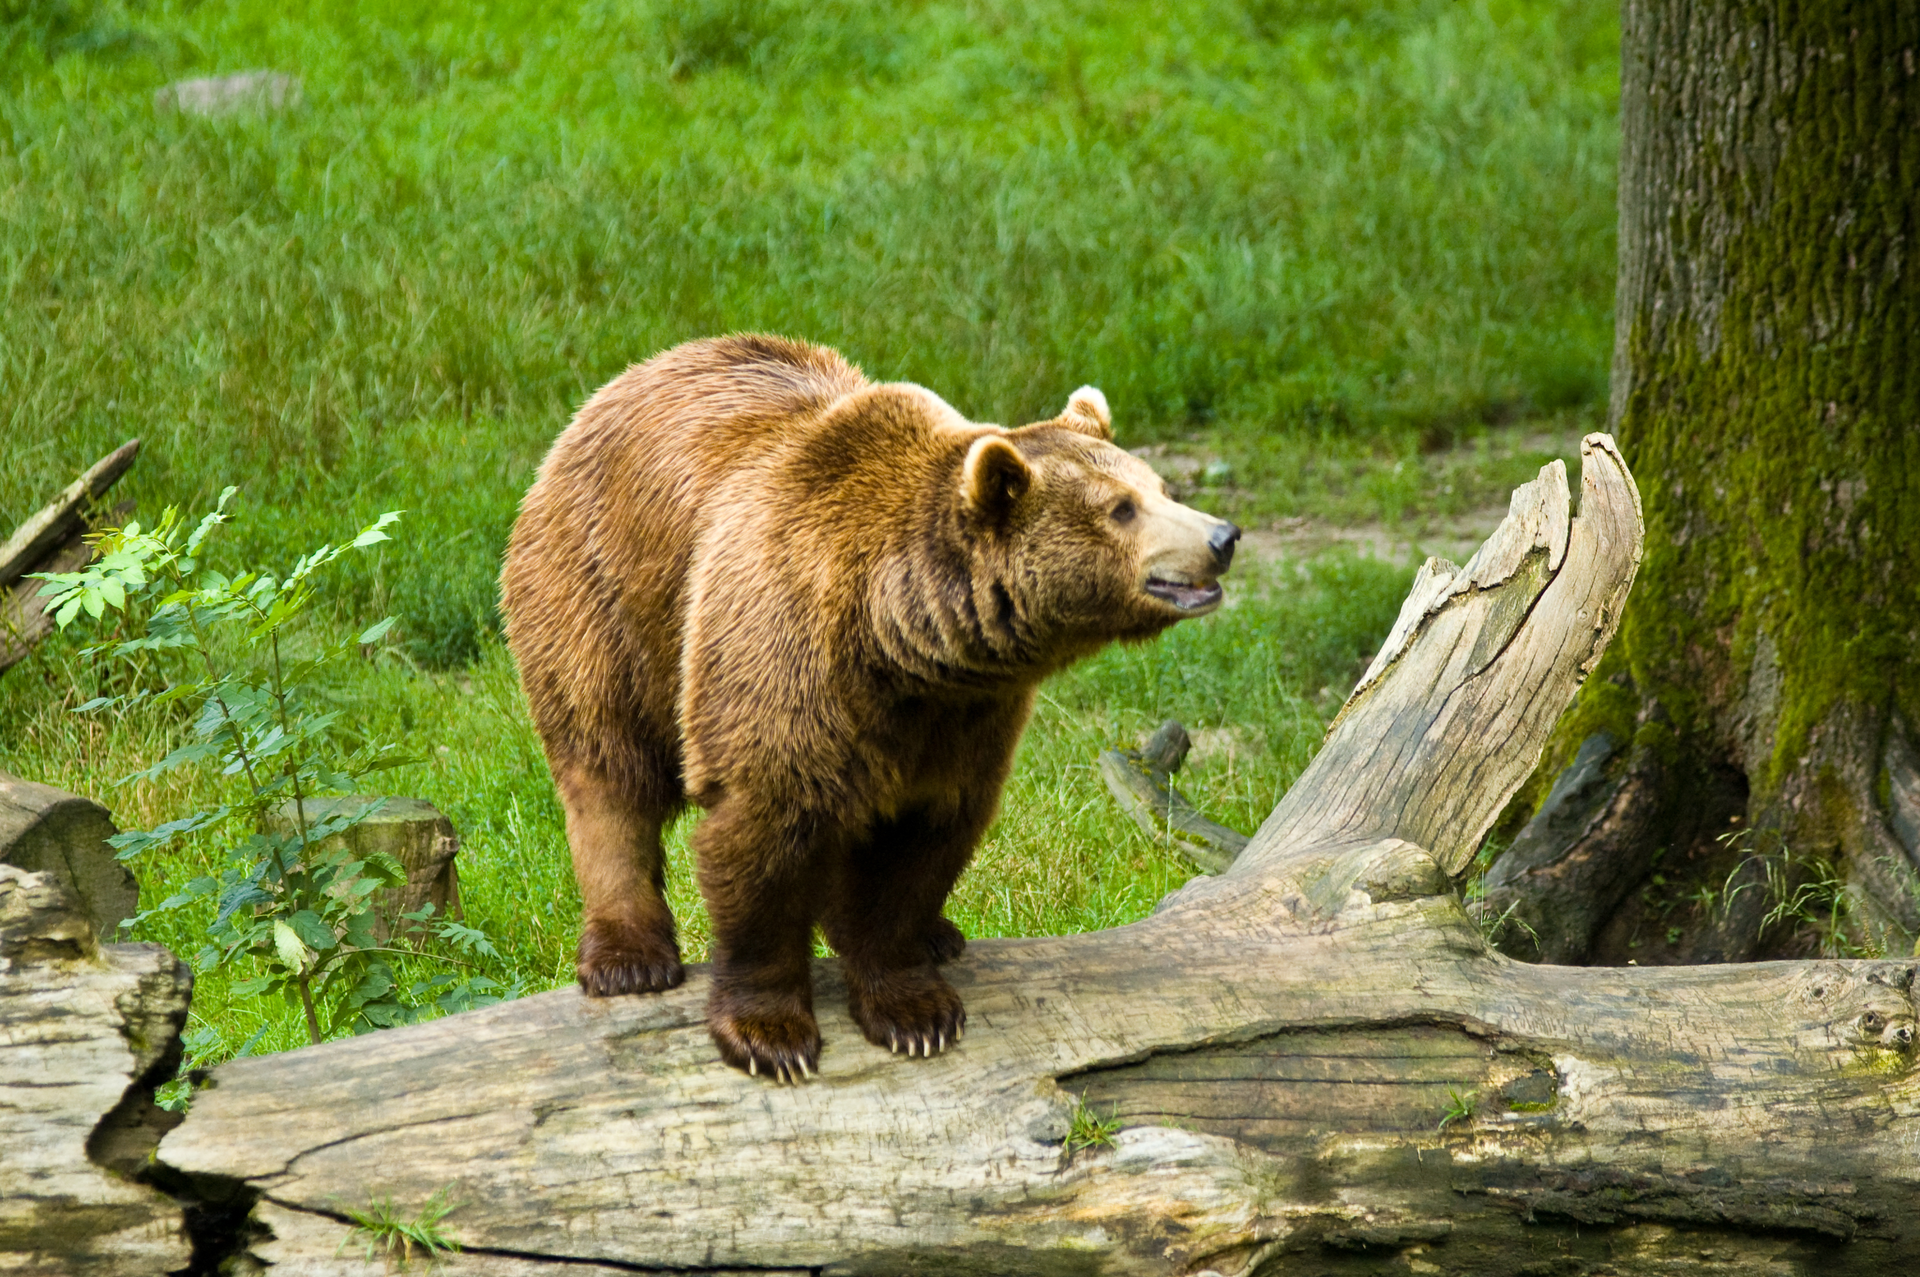 Fotografia prezentuje niedźwiedzia brunatnego, stojącego na pniu drzewa na tle łąki.